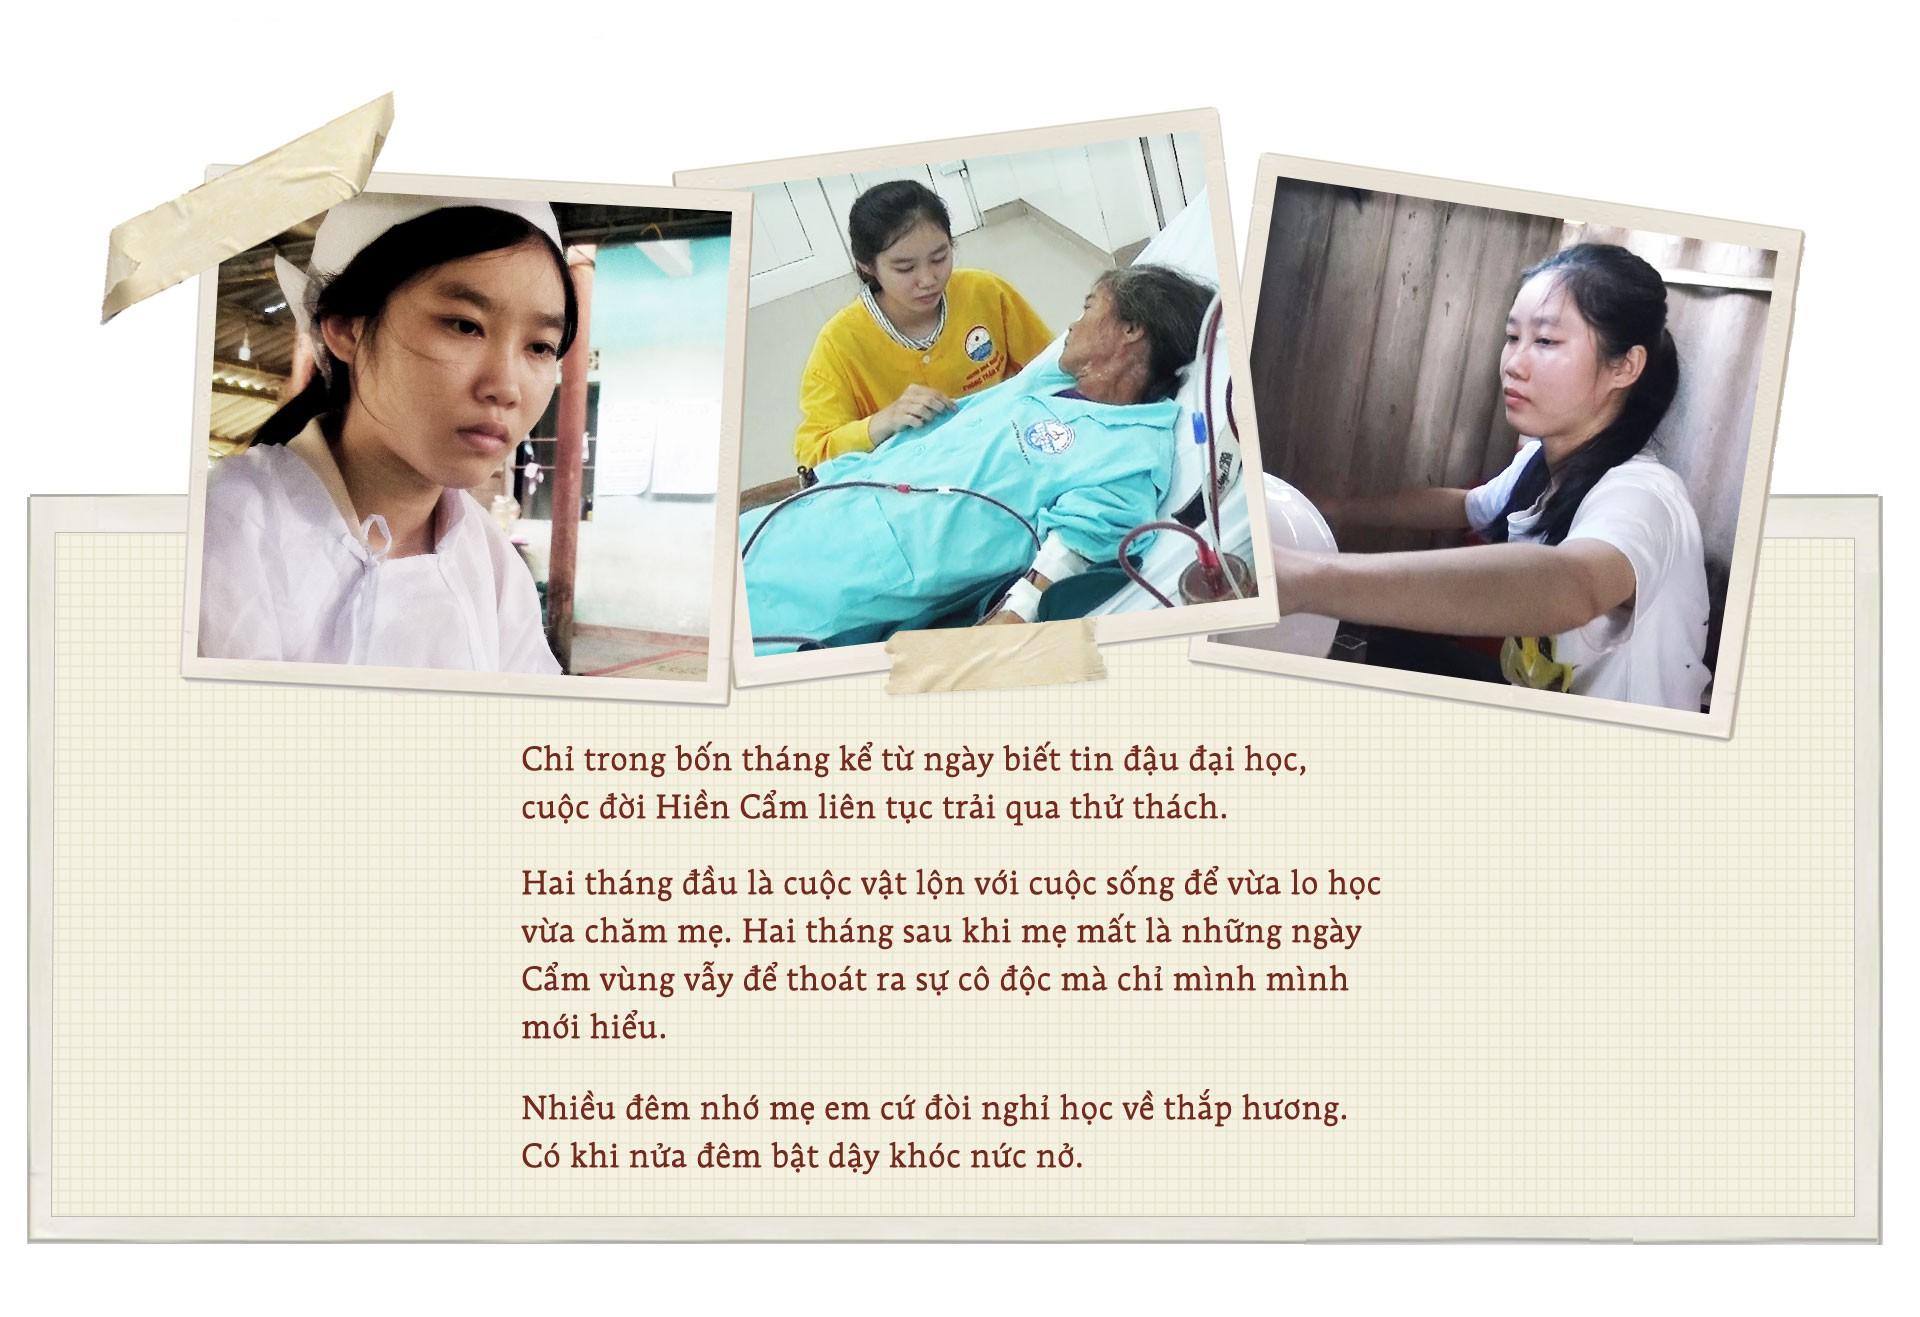 Hành trình yêu thương cùng cô gái Cõng mẹ lên giảng đường - Ảnh 6.